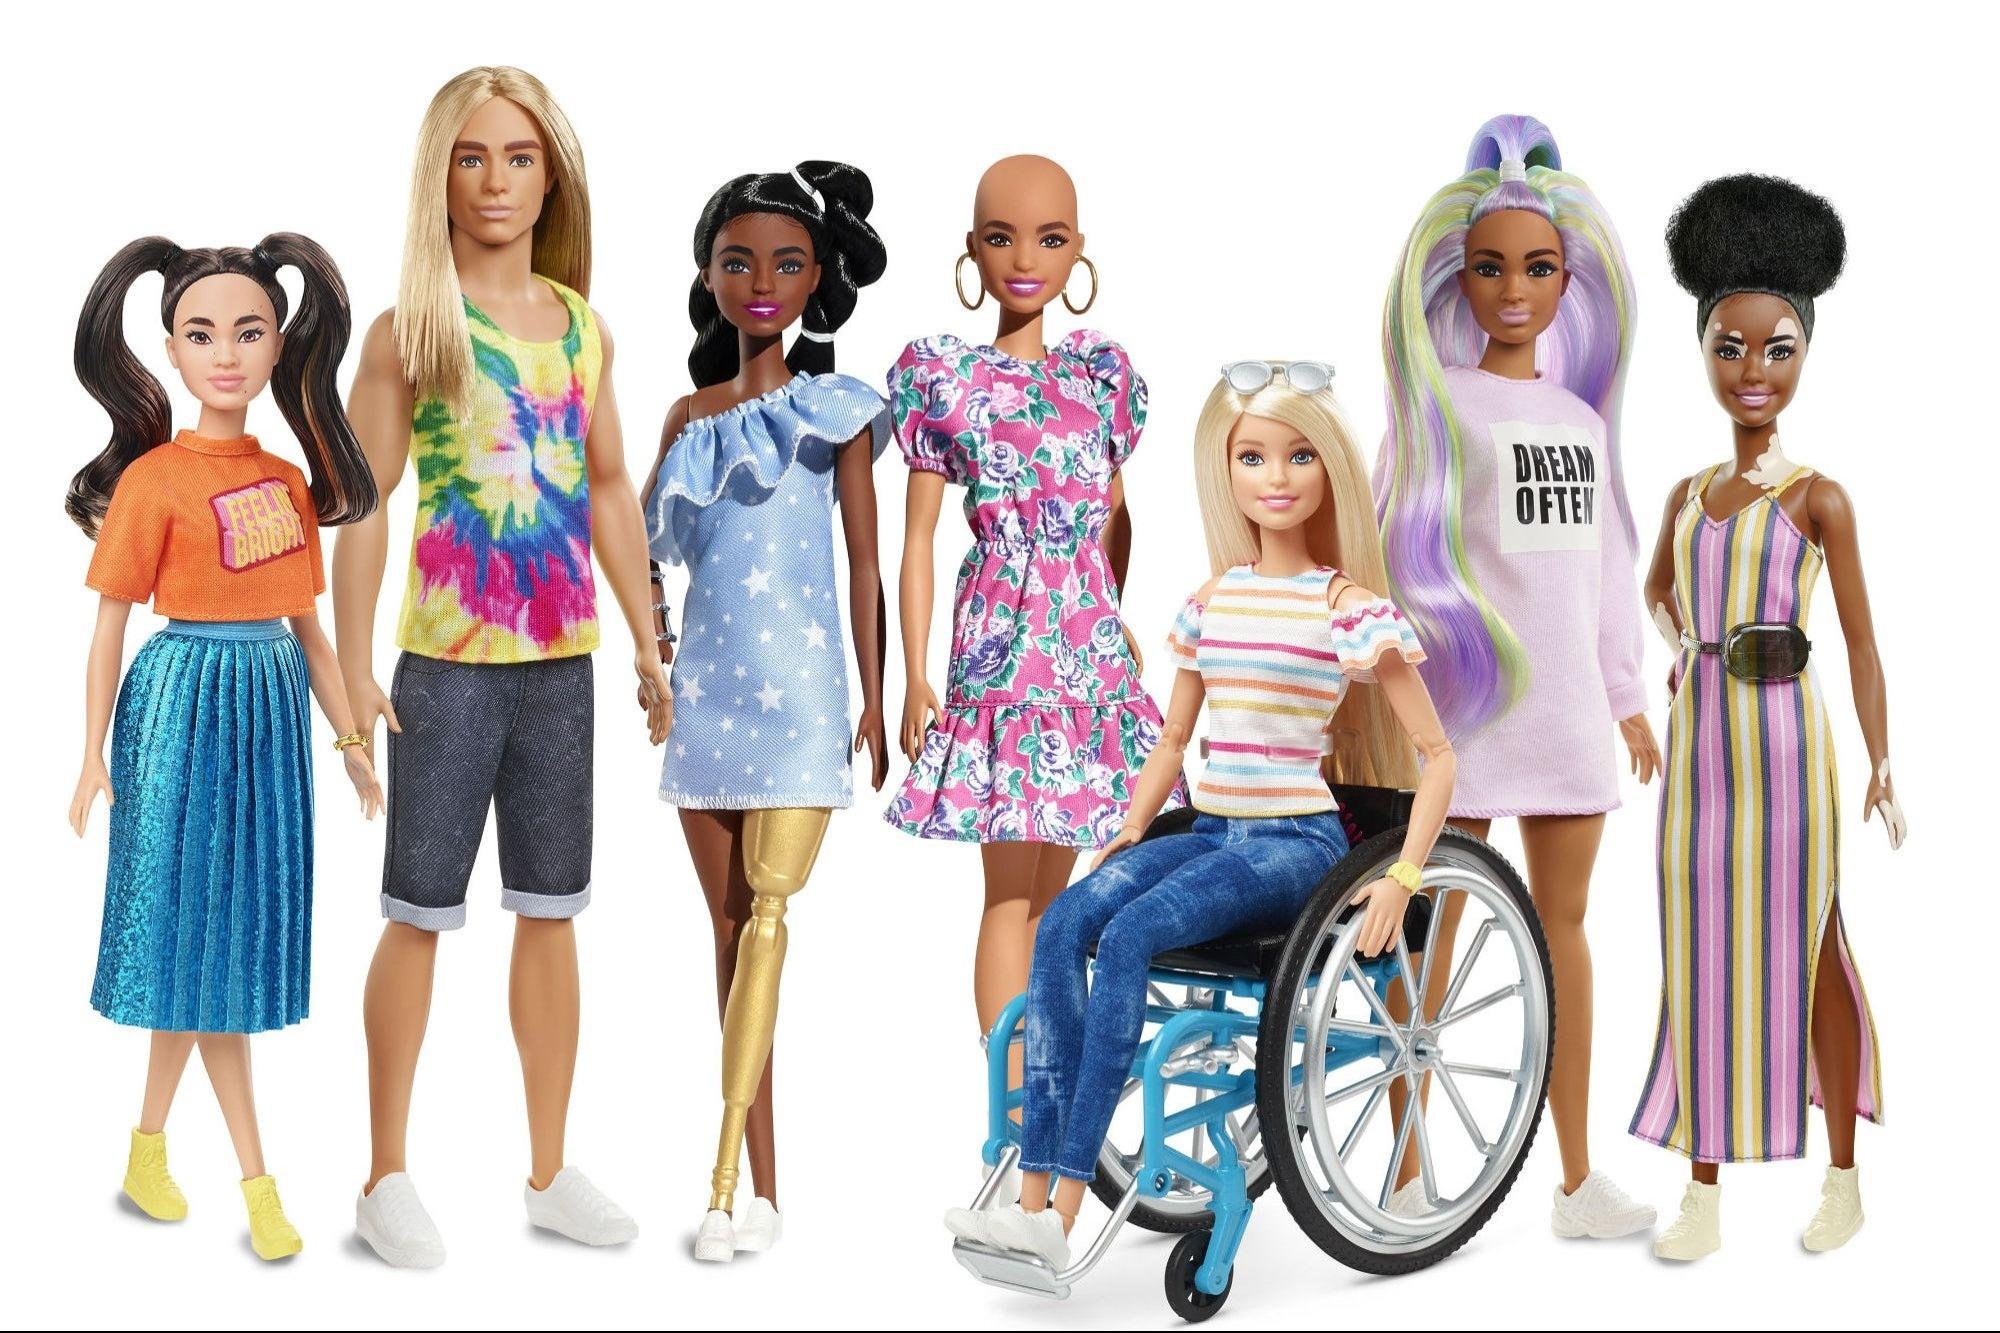 ¡Barbie recupera su corona! 2020 fue su mejor año en ventas tras apostarle a la inclusión, el 'body positive' y derribar roles de género